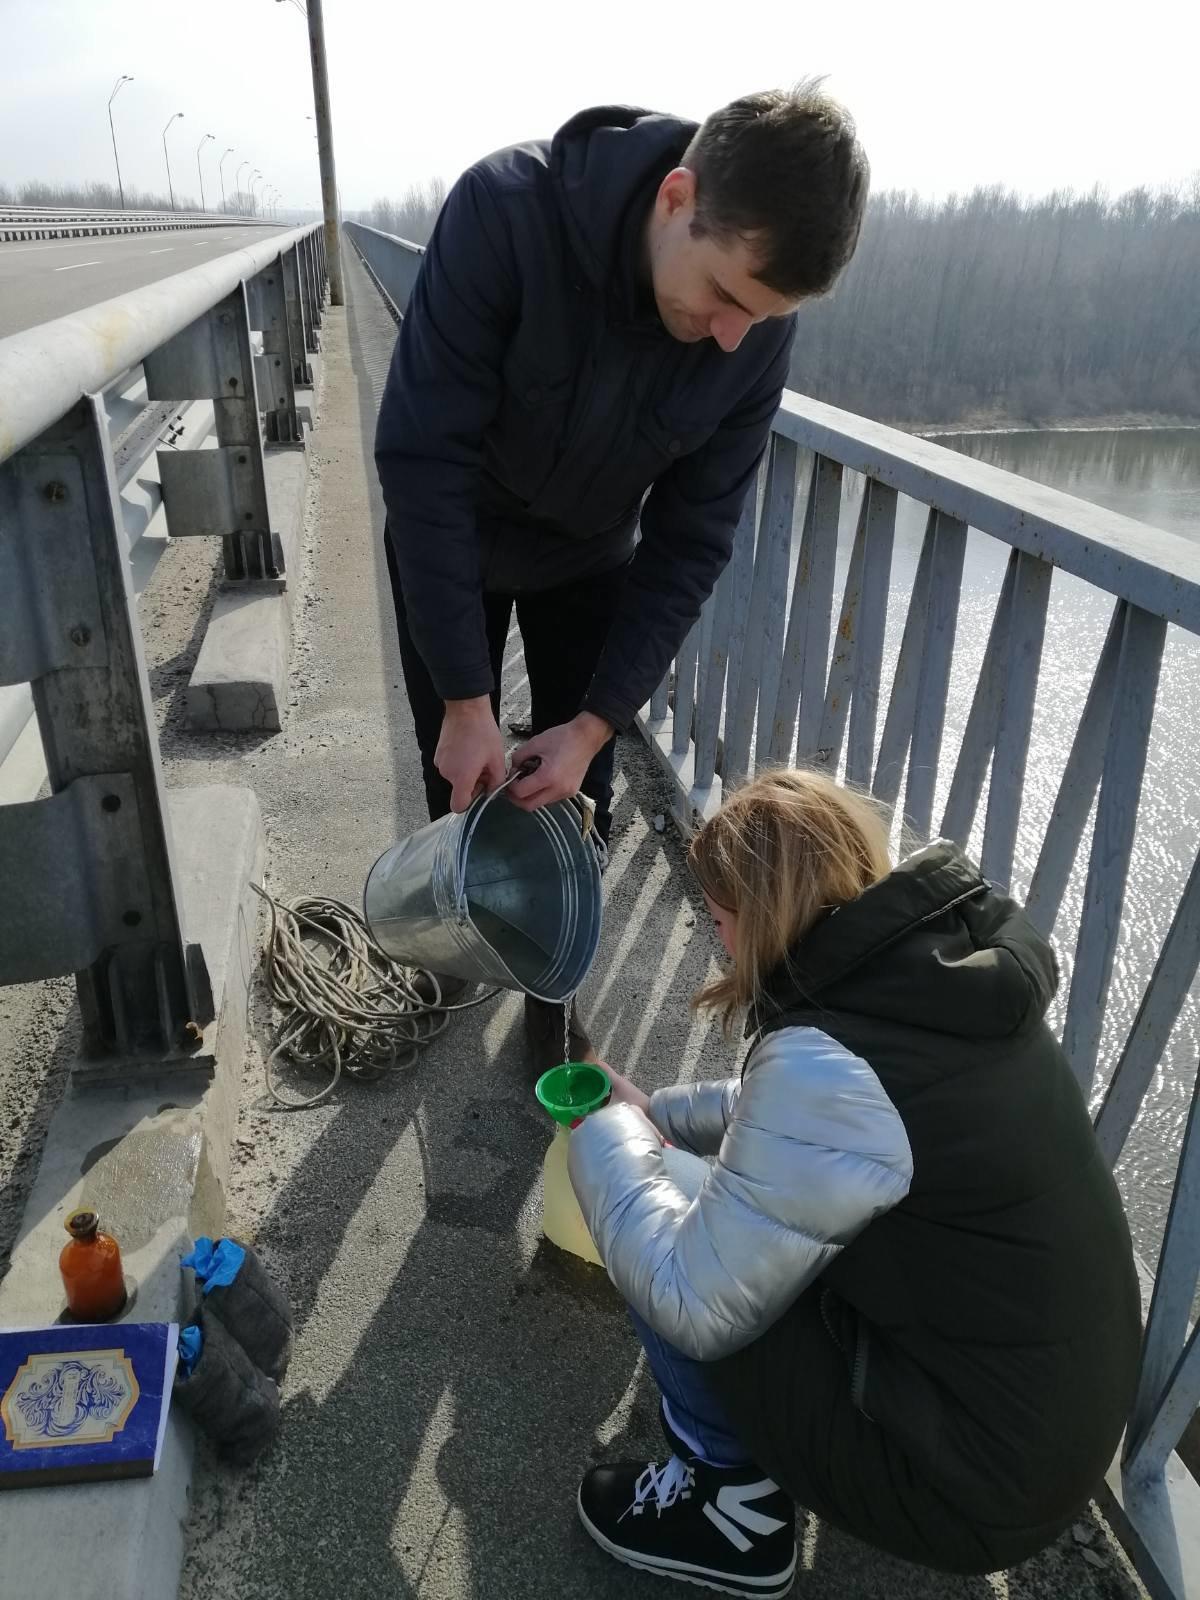 Десна в норме, Стрижень - нет: екологи исследовали реки Чернигова, фото-1